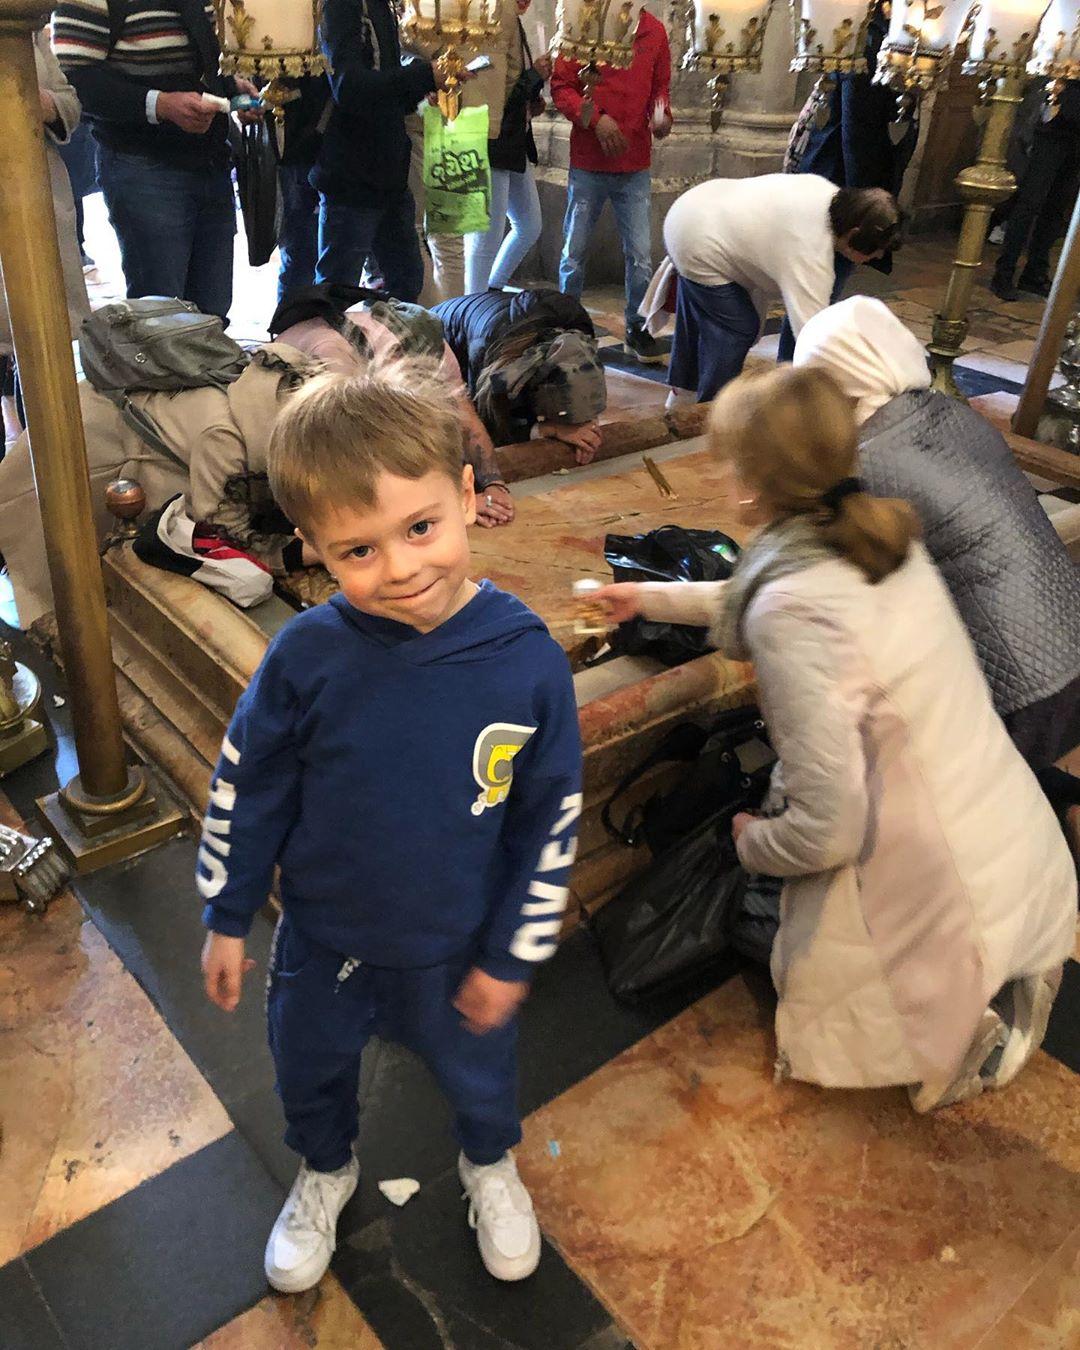 Наталья Подольская показала фото с сыном в Иерусалиме